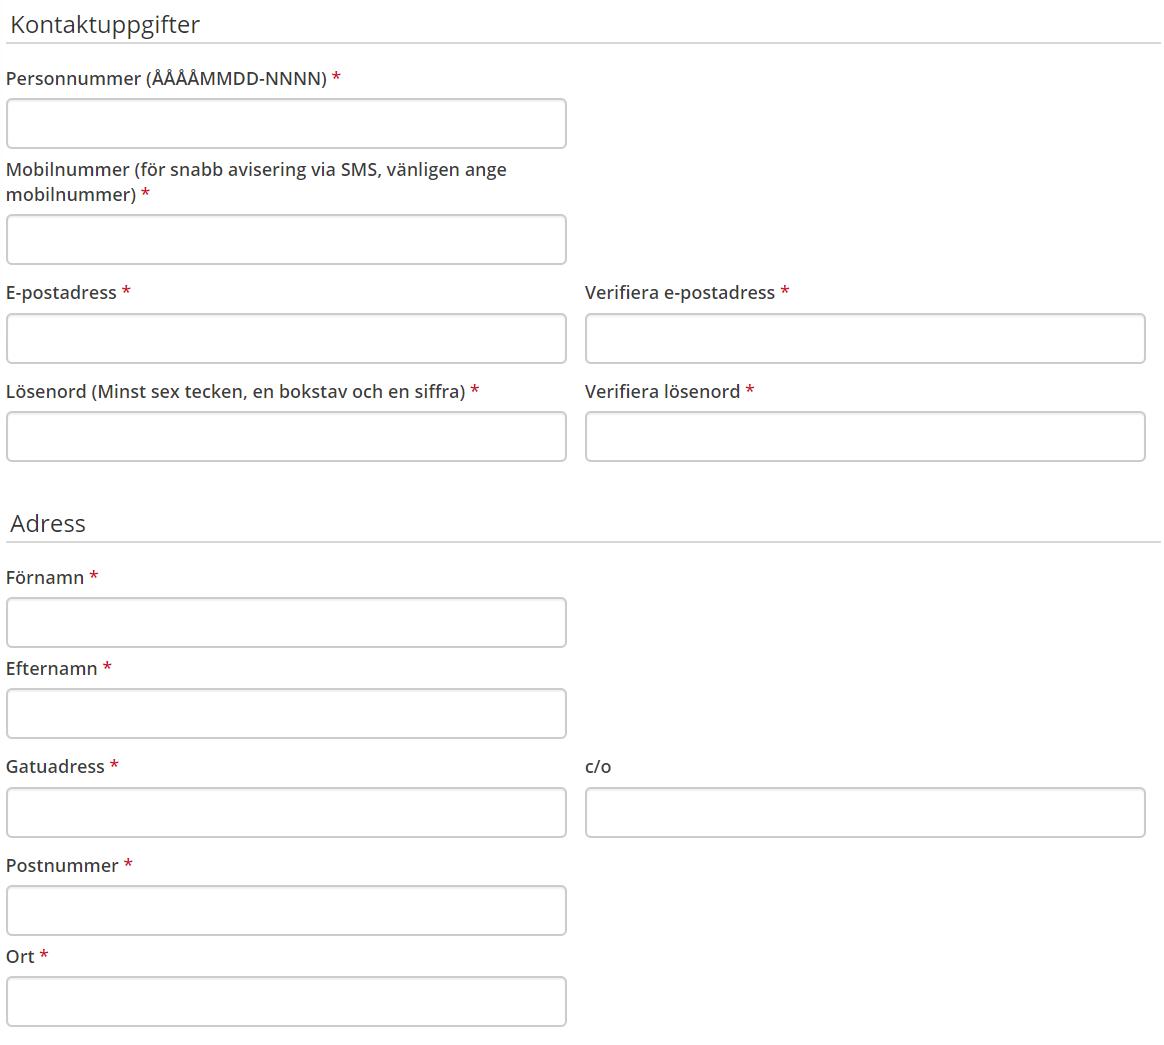 Skärmdump på ett antal fält där man registrerar medlemsskap på en onlineaffär.